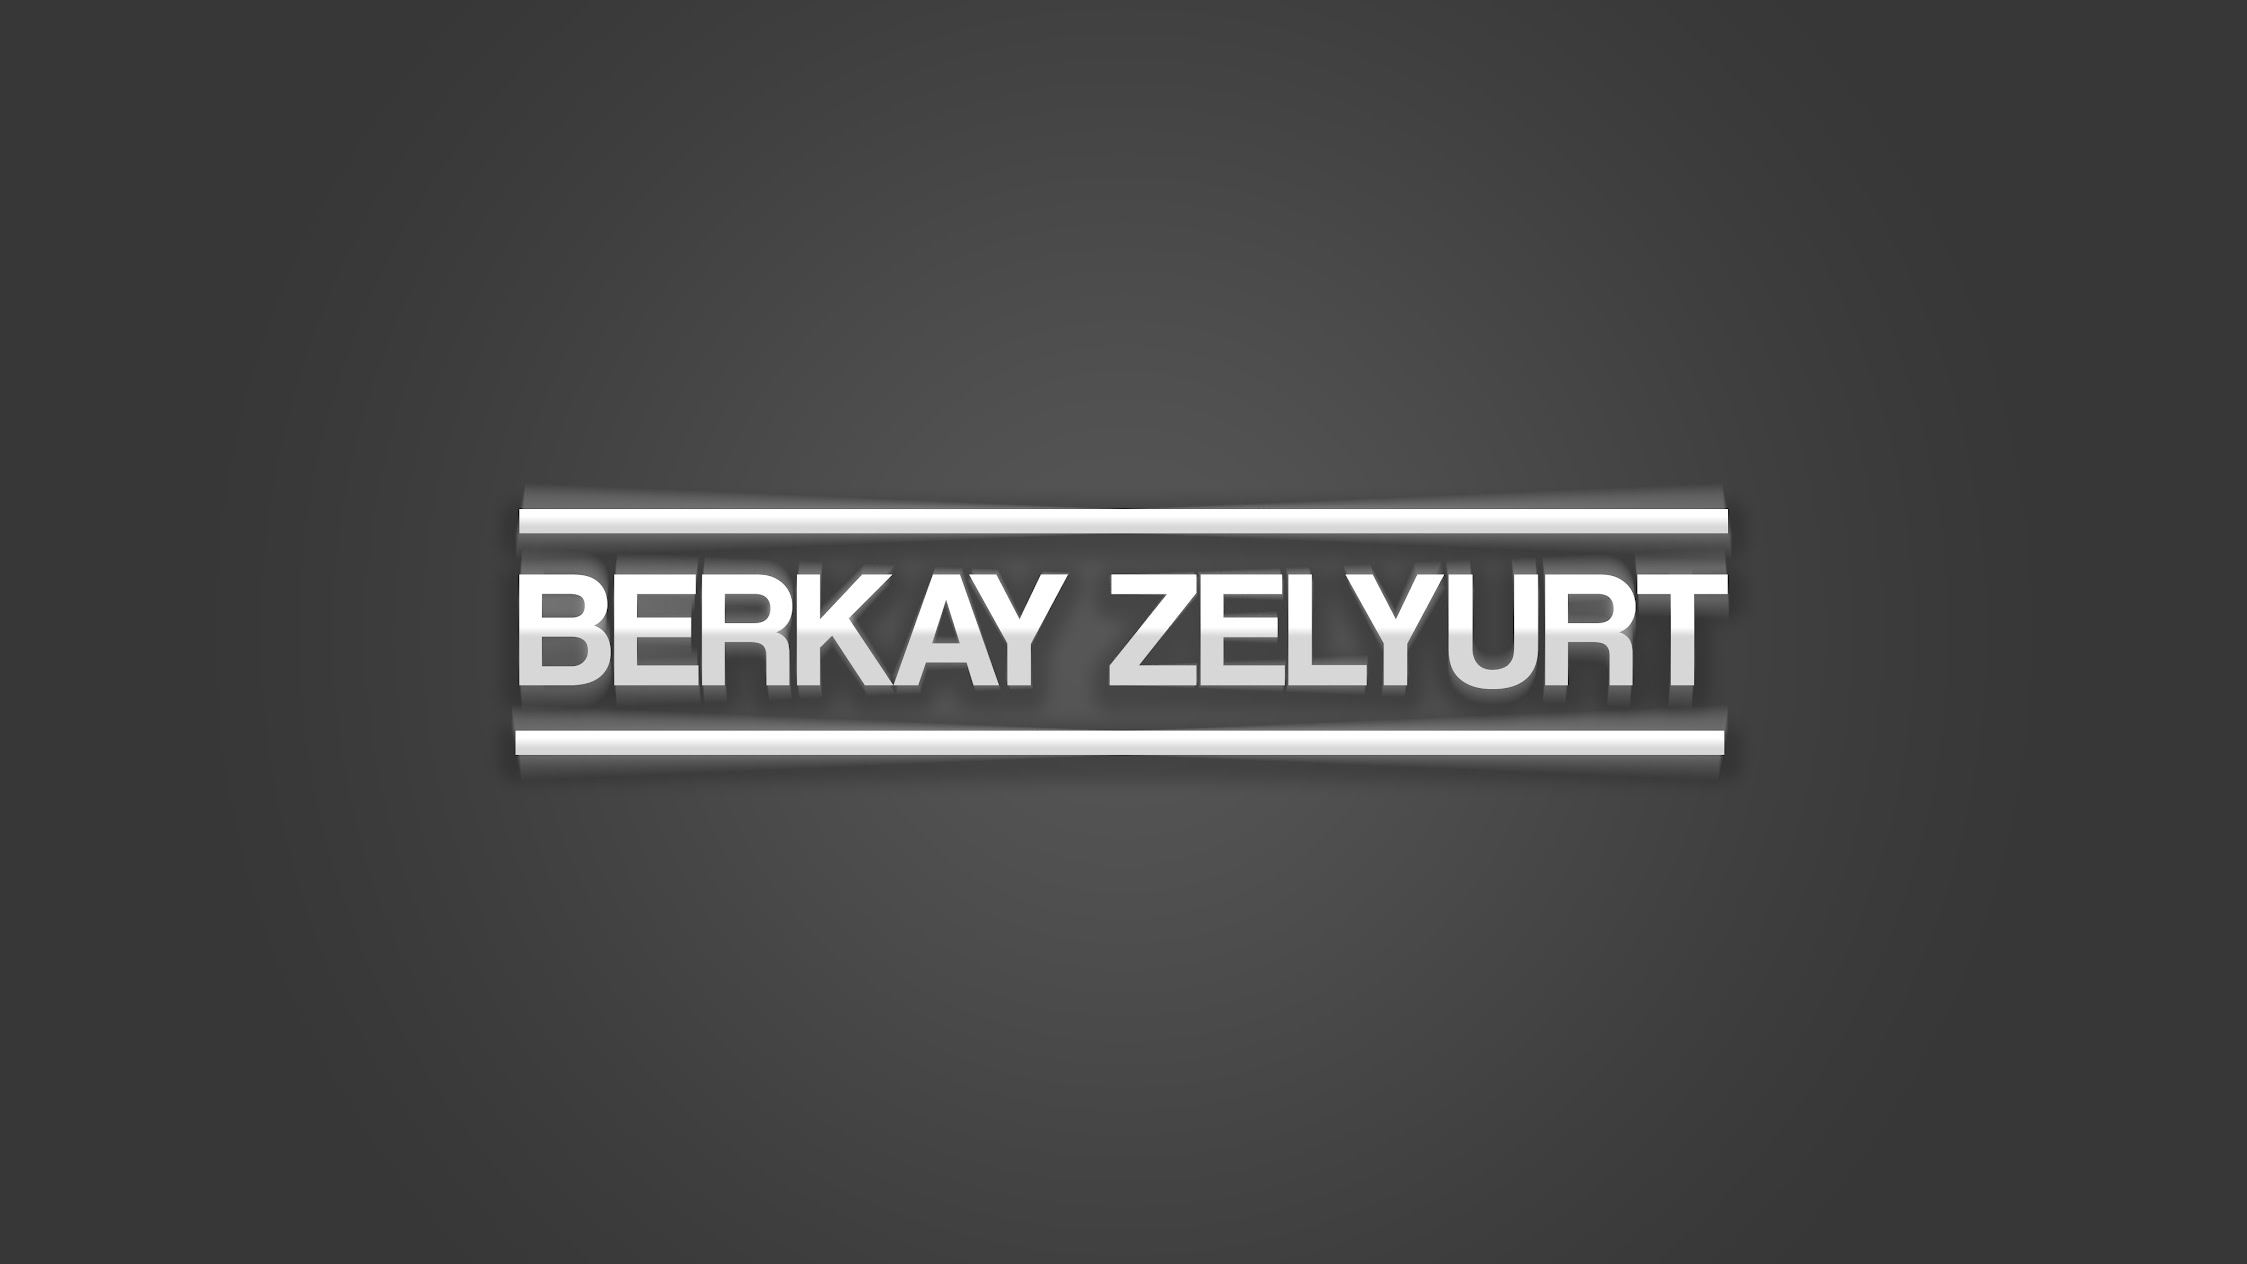 Berkay Zelyurt